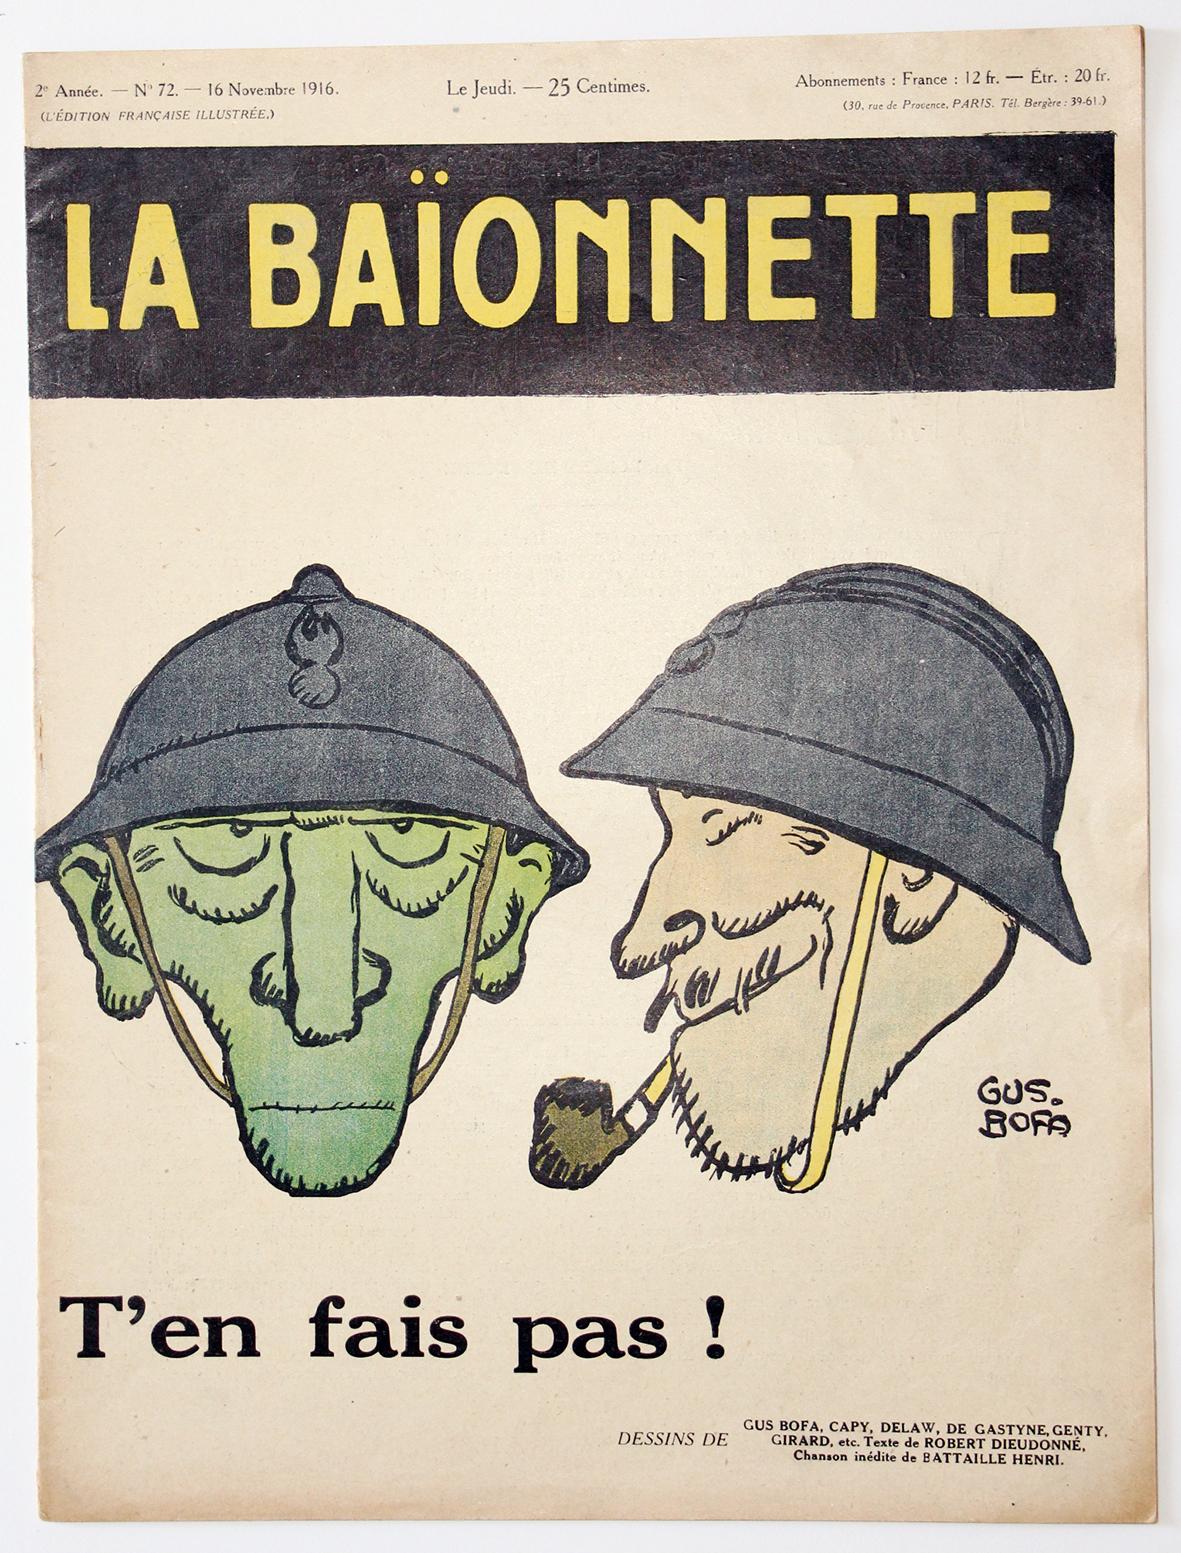 Revue Satirique - La BaÏonnette - Novembre 1916 - Numéro 72 - Guerre 14/18